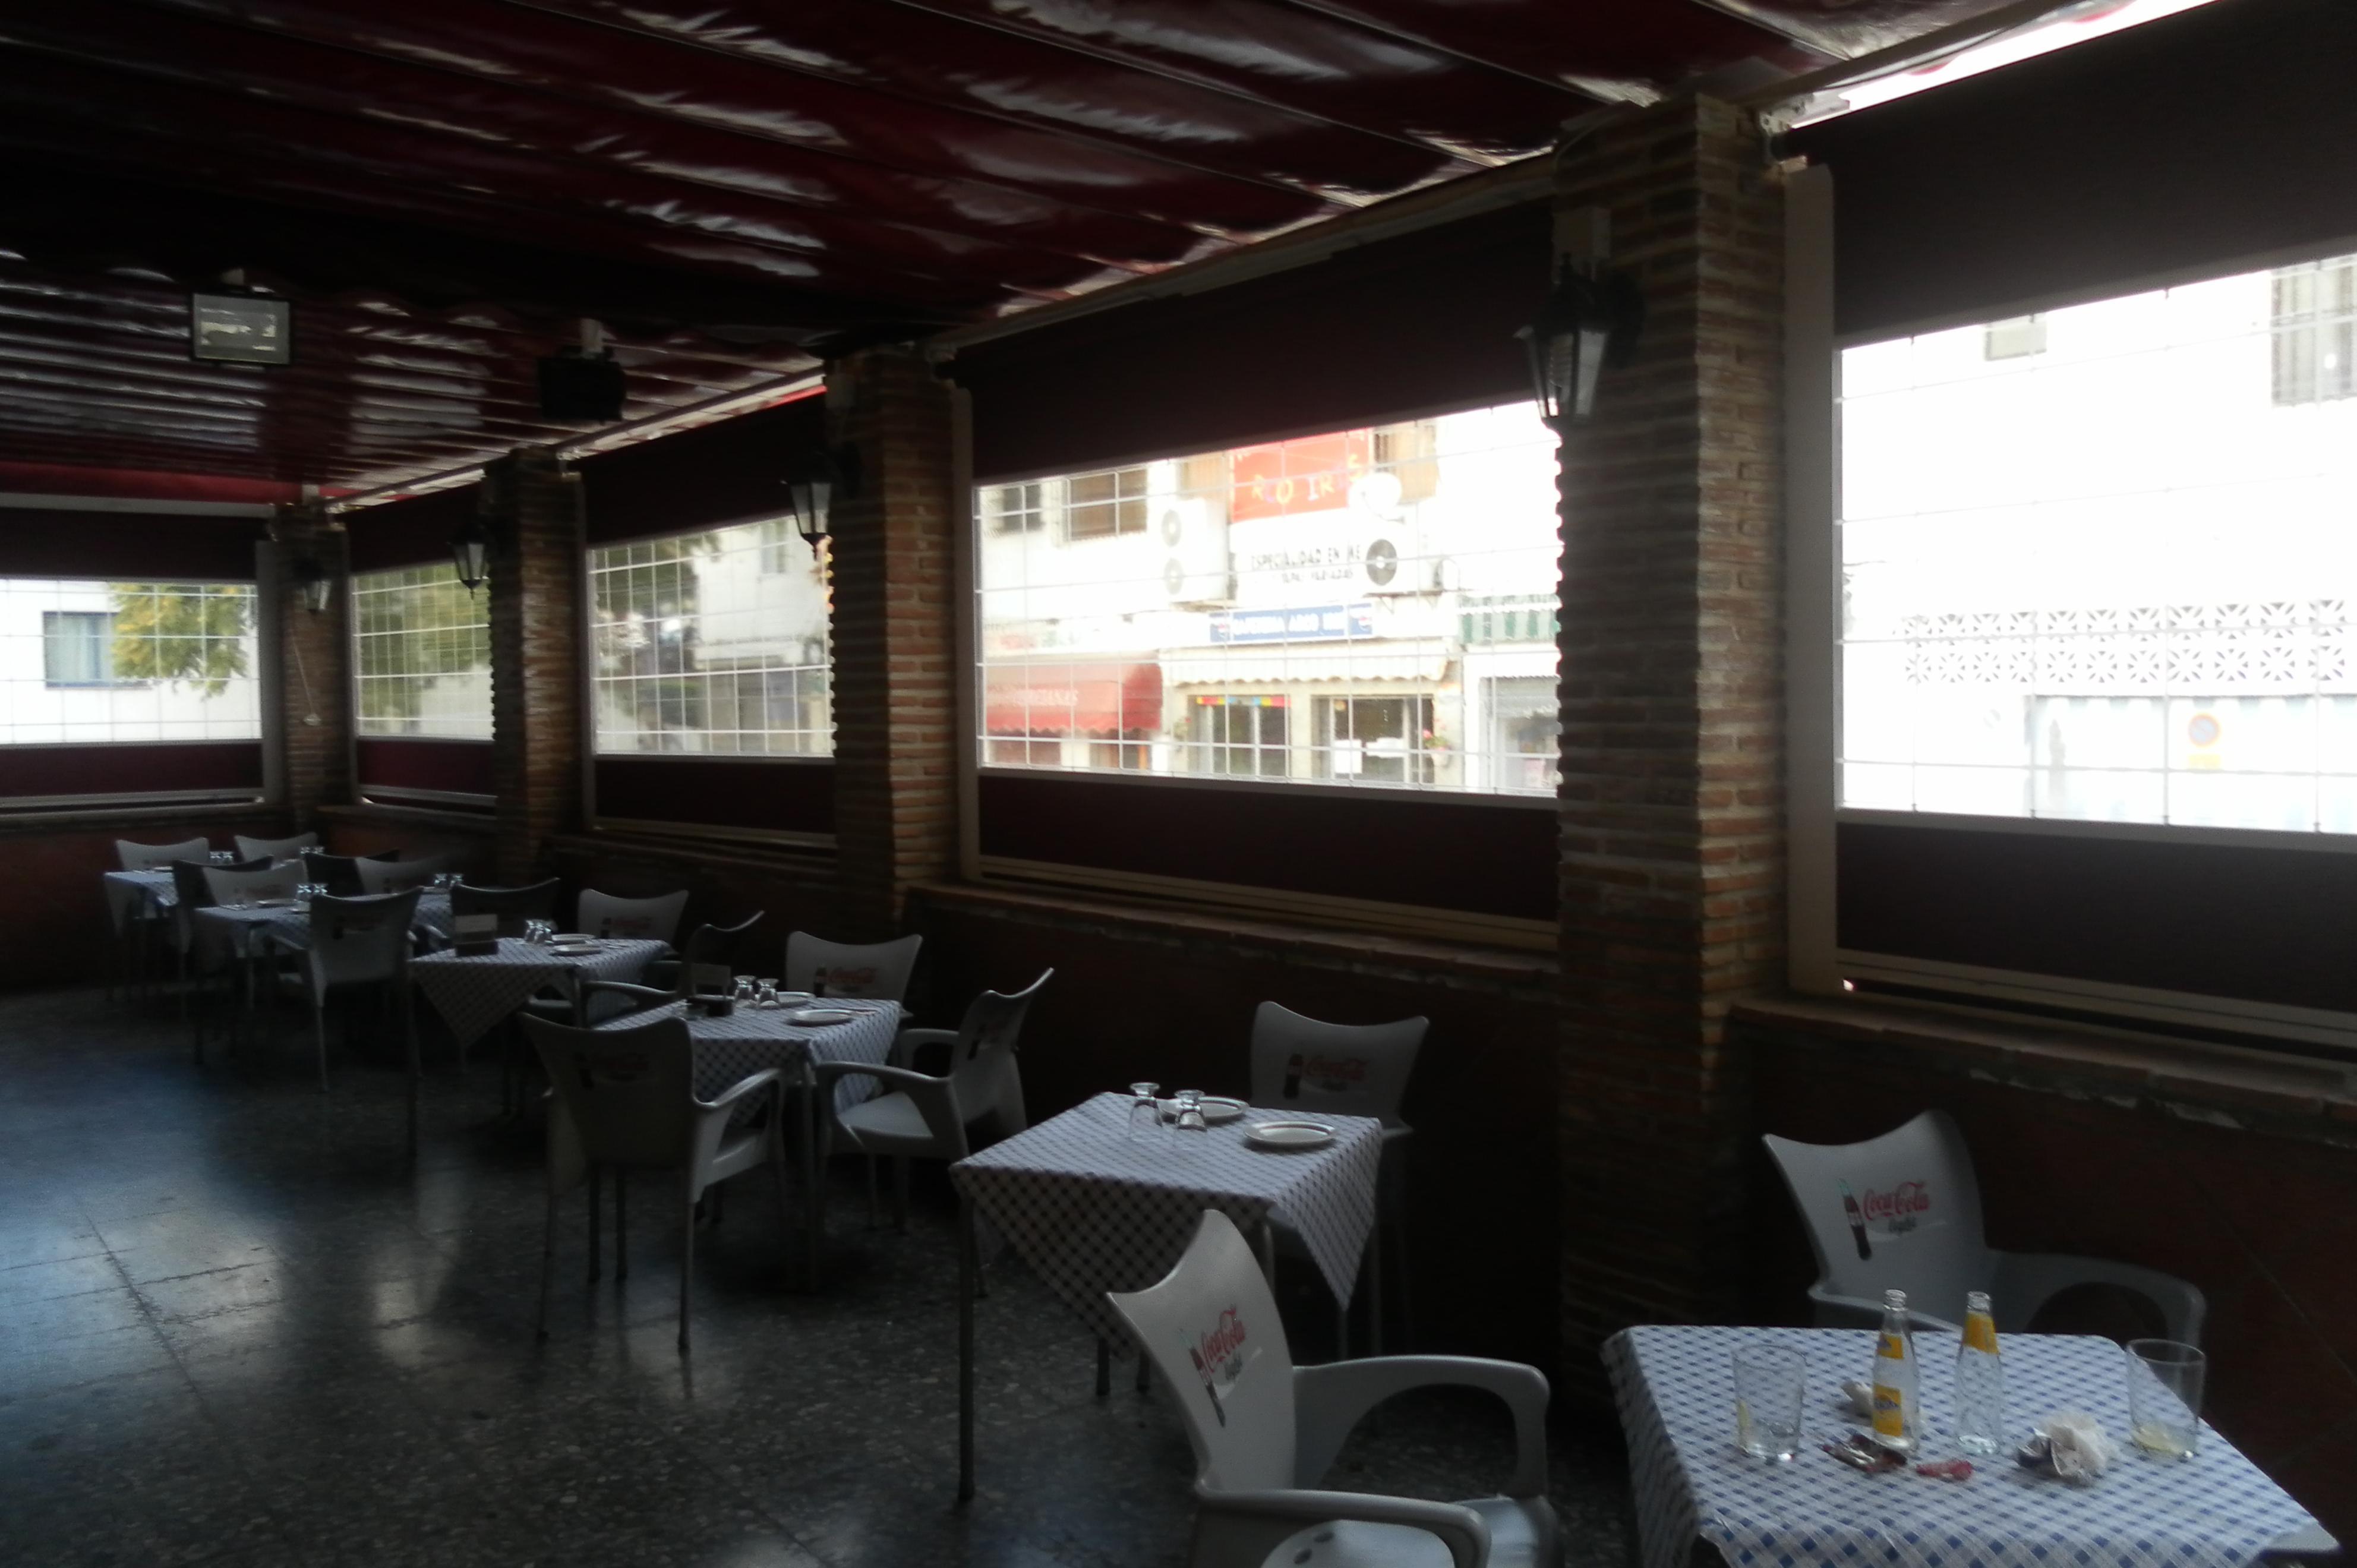 Foto 47 de Toldos y pérgolas en Málaga | Toldos Suárez